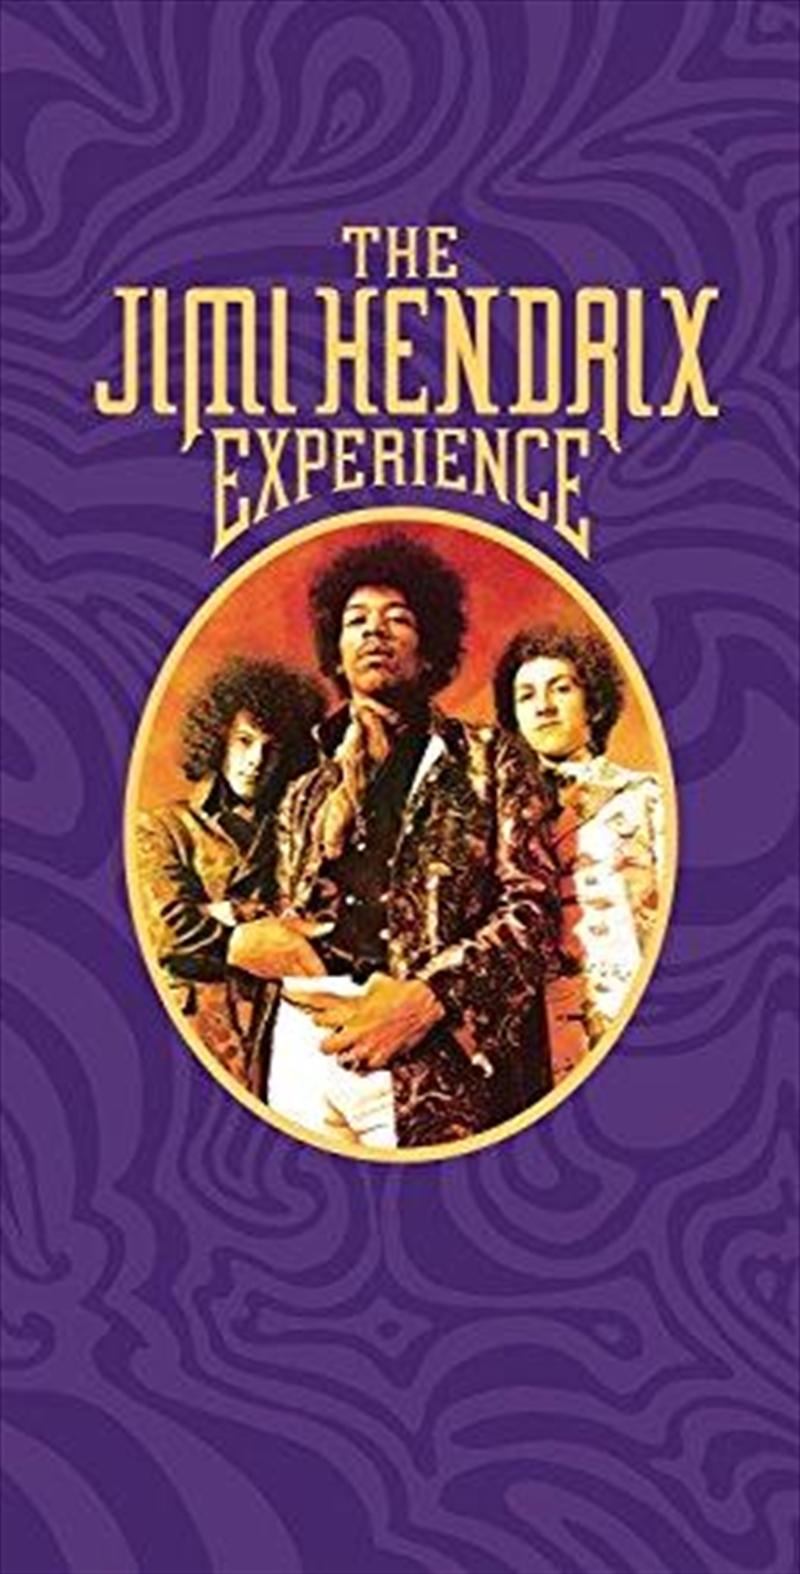 Jimi Hendrix Experience | CD